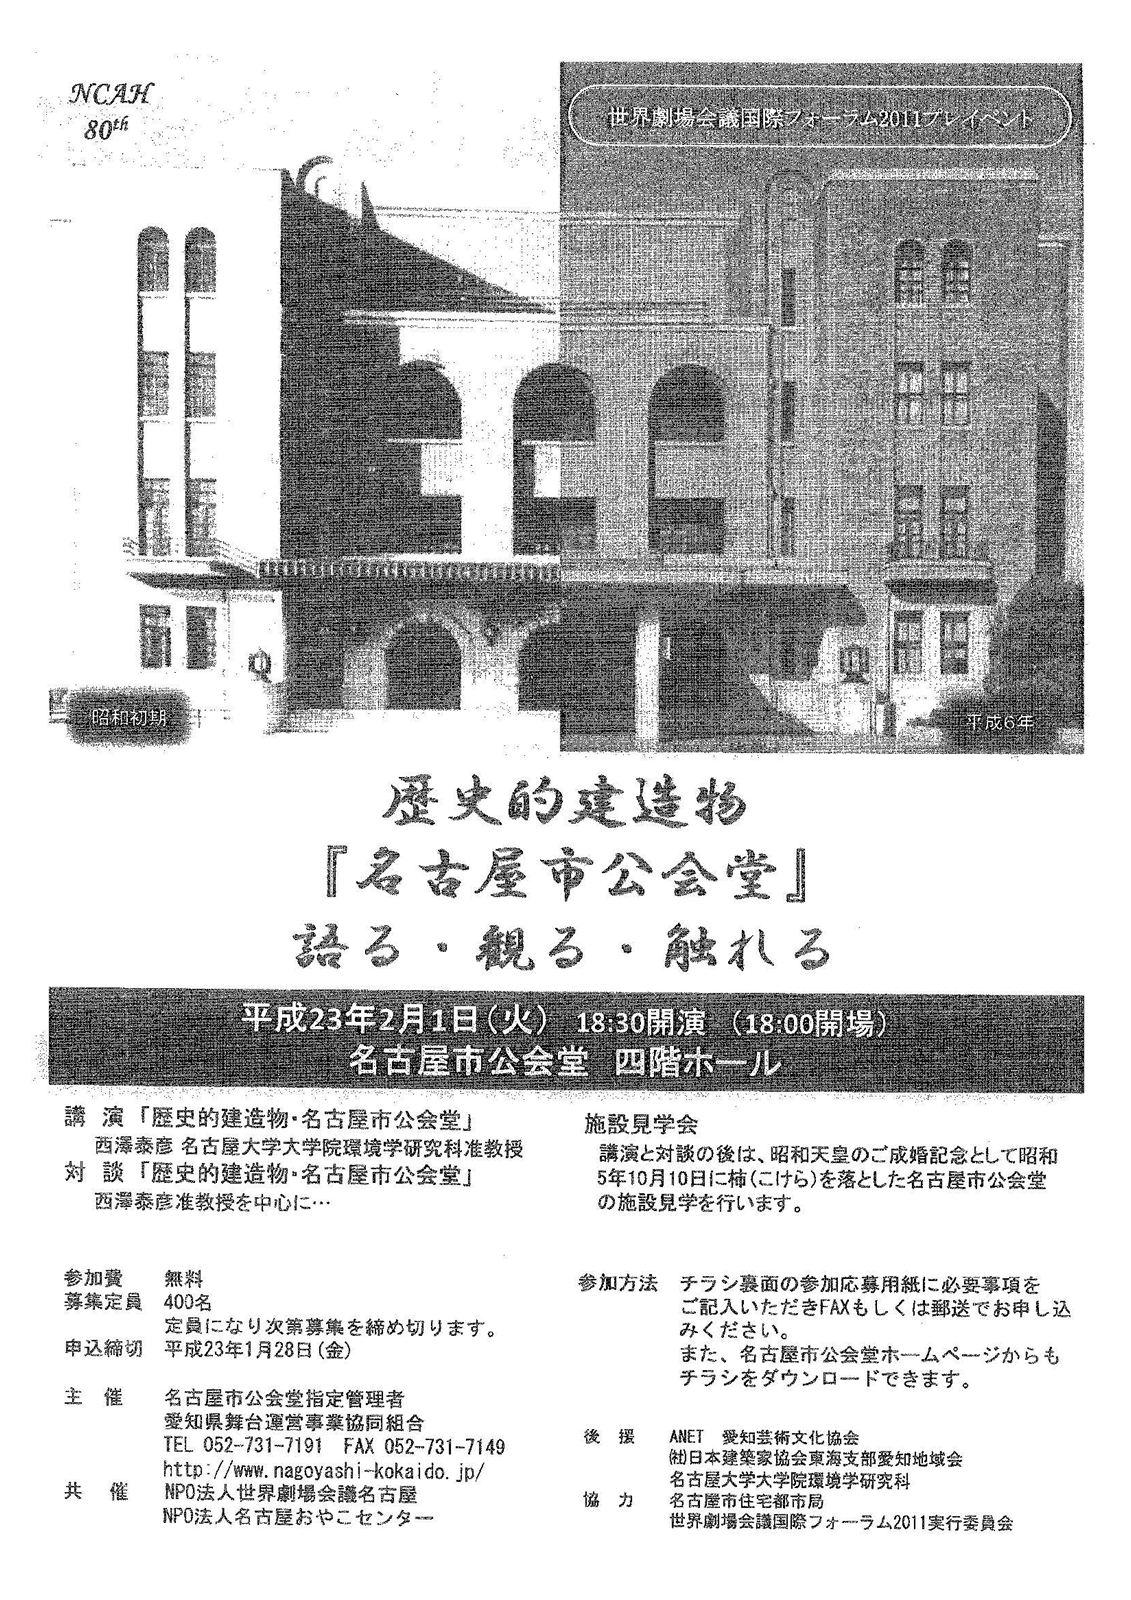 110201nagoyashikokaido41_r